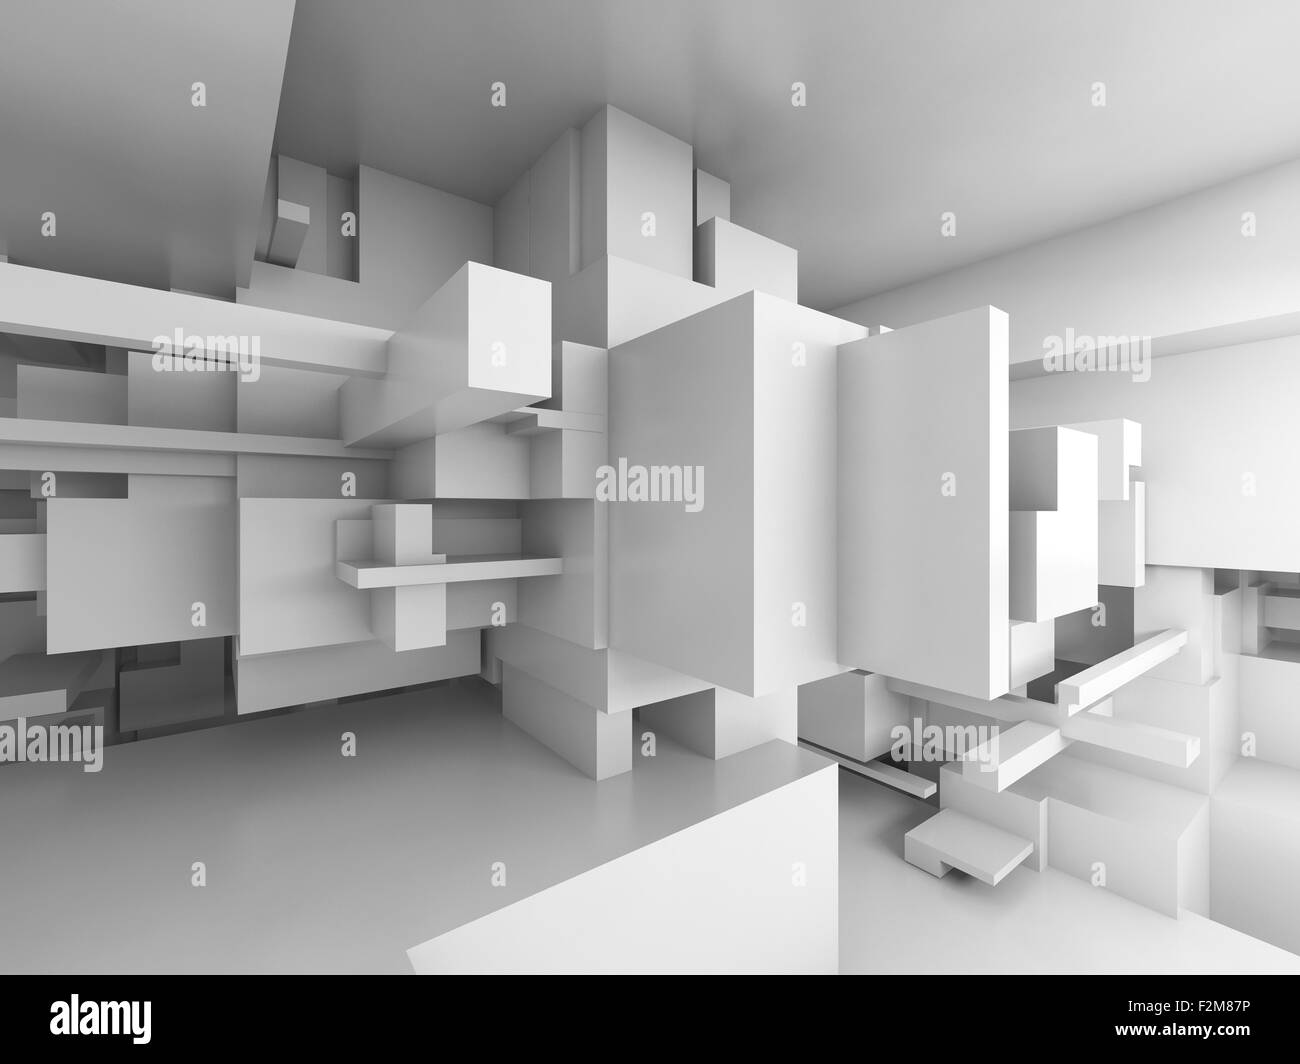 Résumé de l'intérieur chambre blanche vide avec des cubes, chaotique constructions high-tech Photo Stock